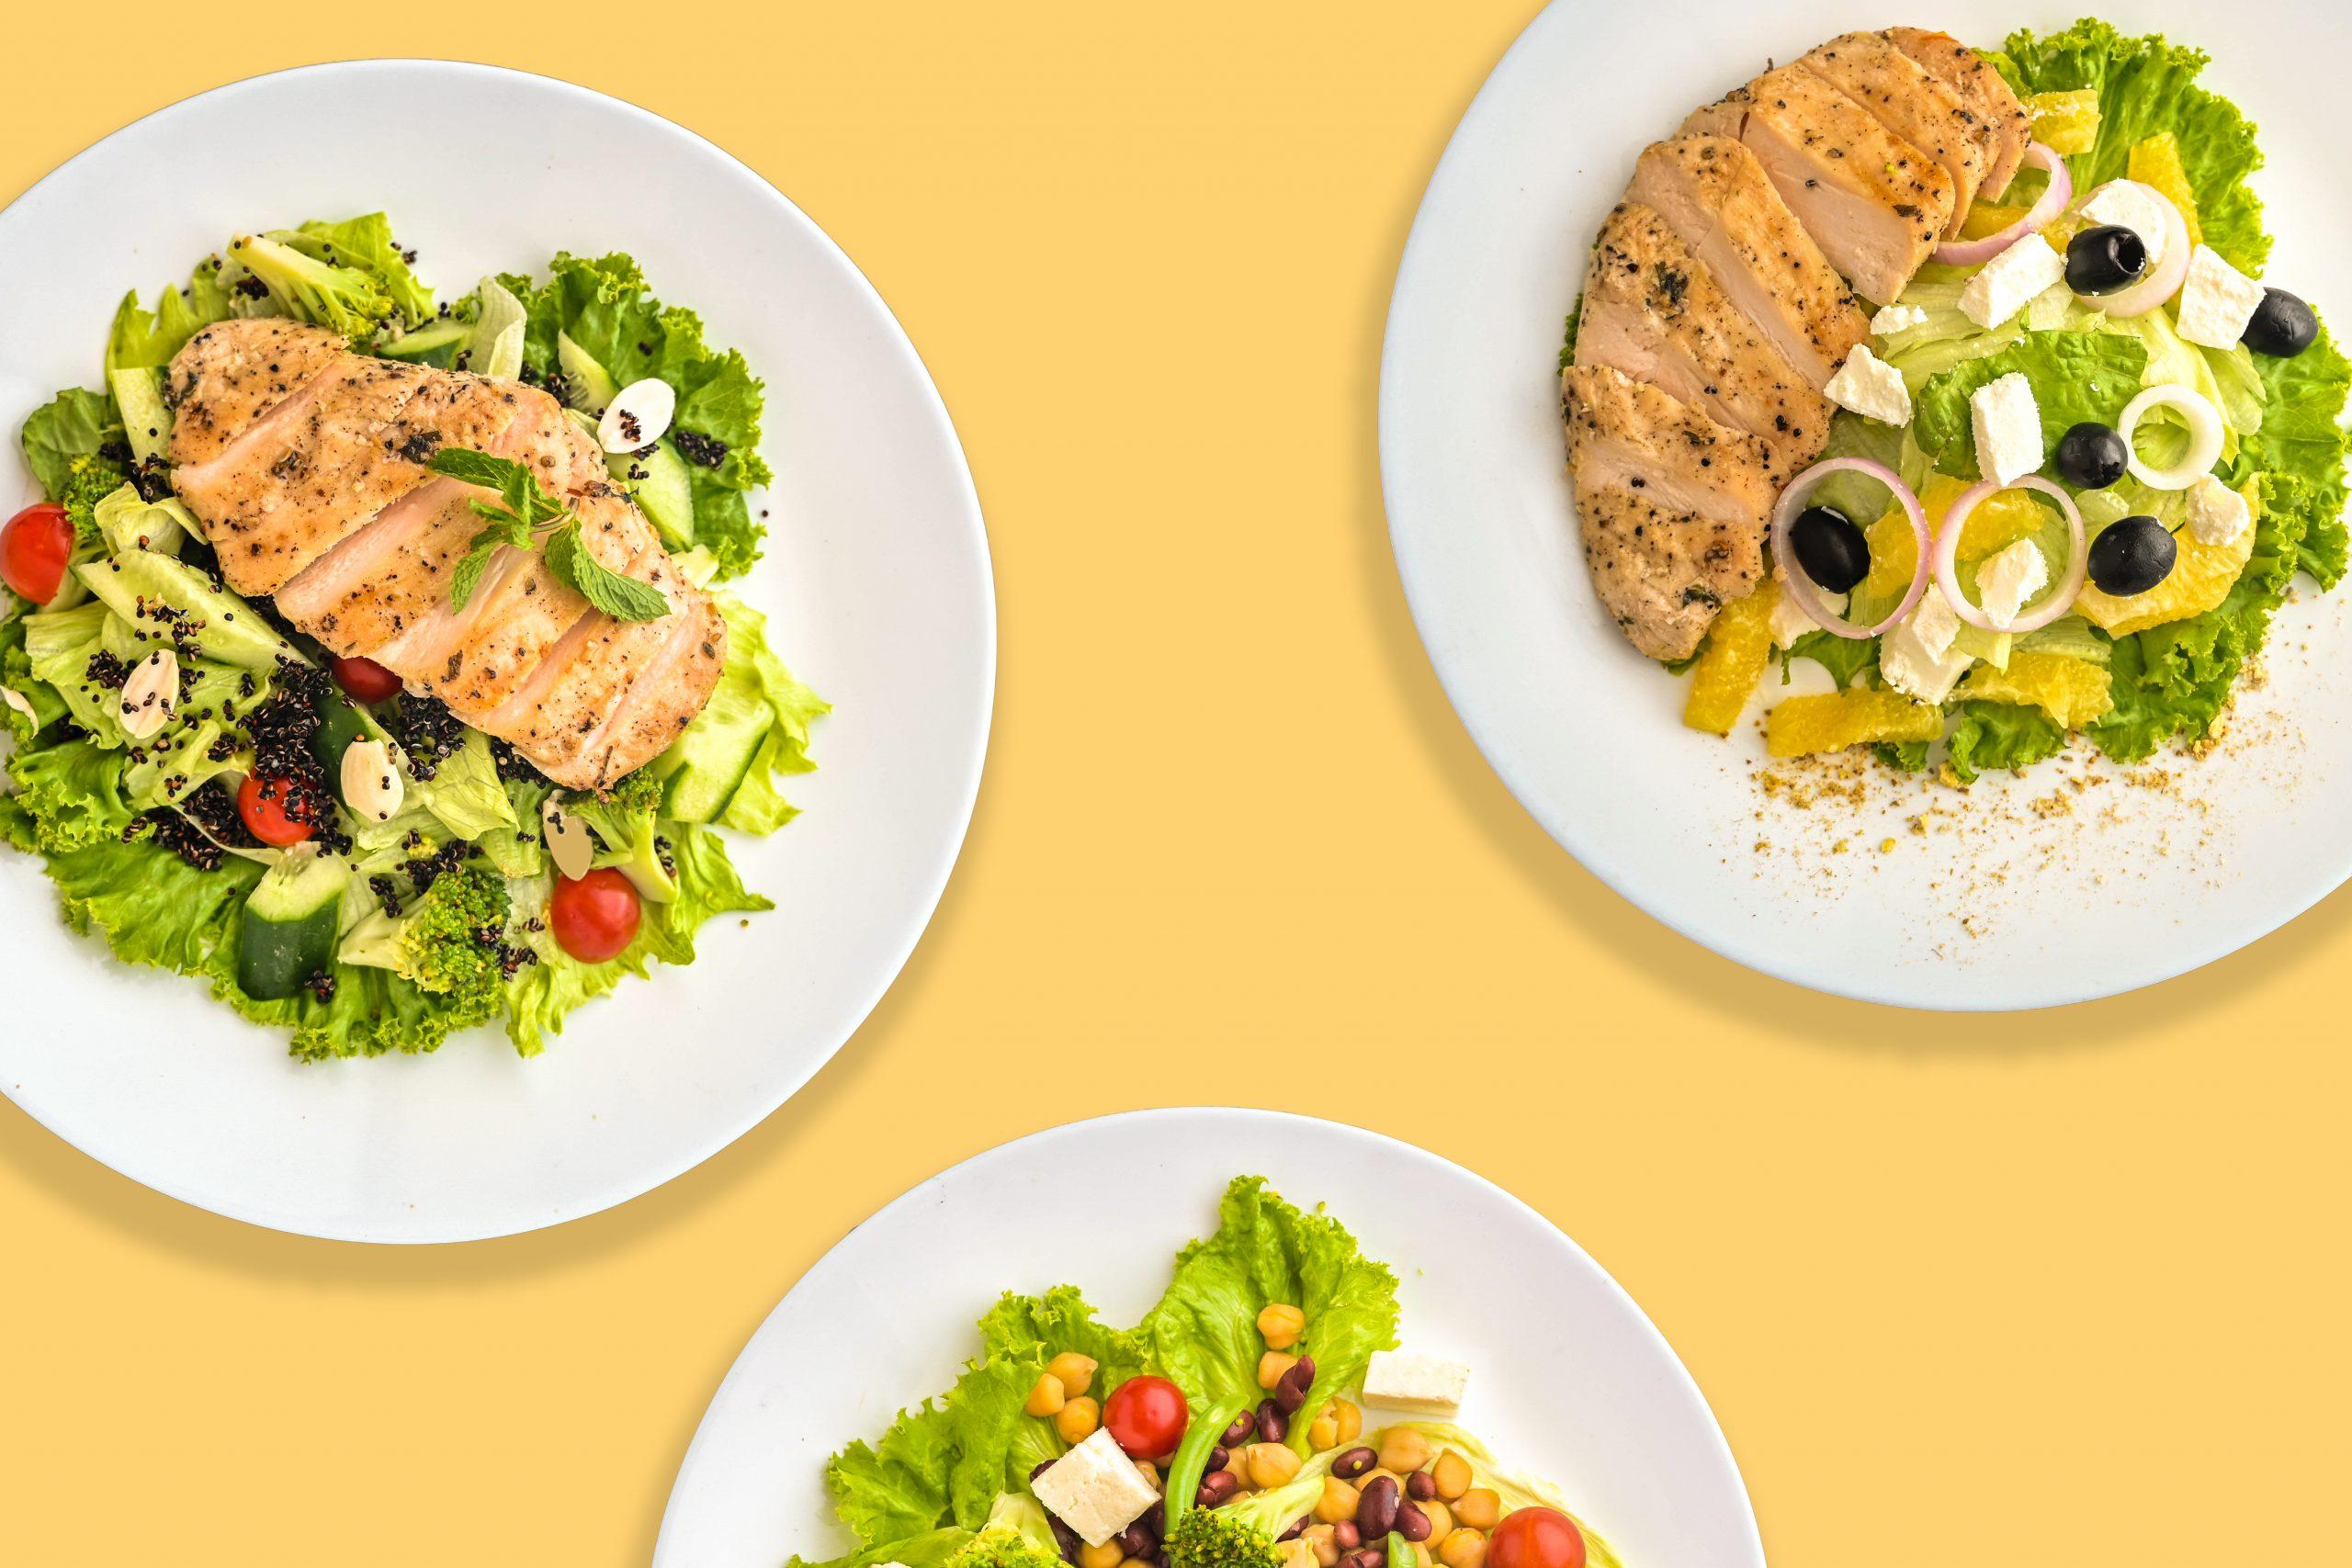 Green protein salads